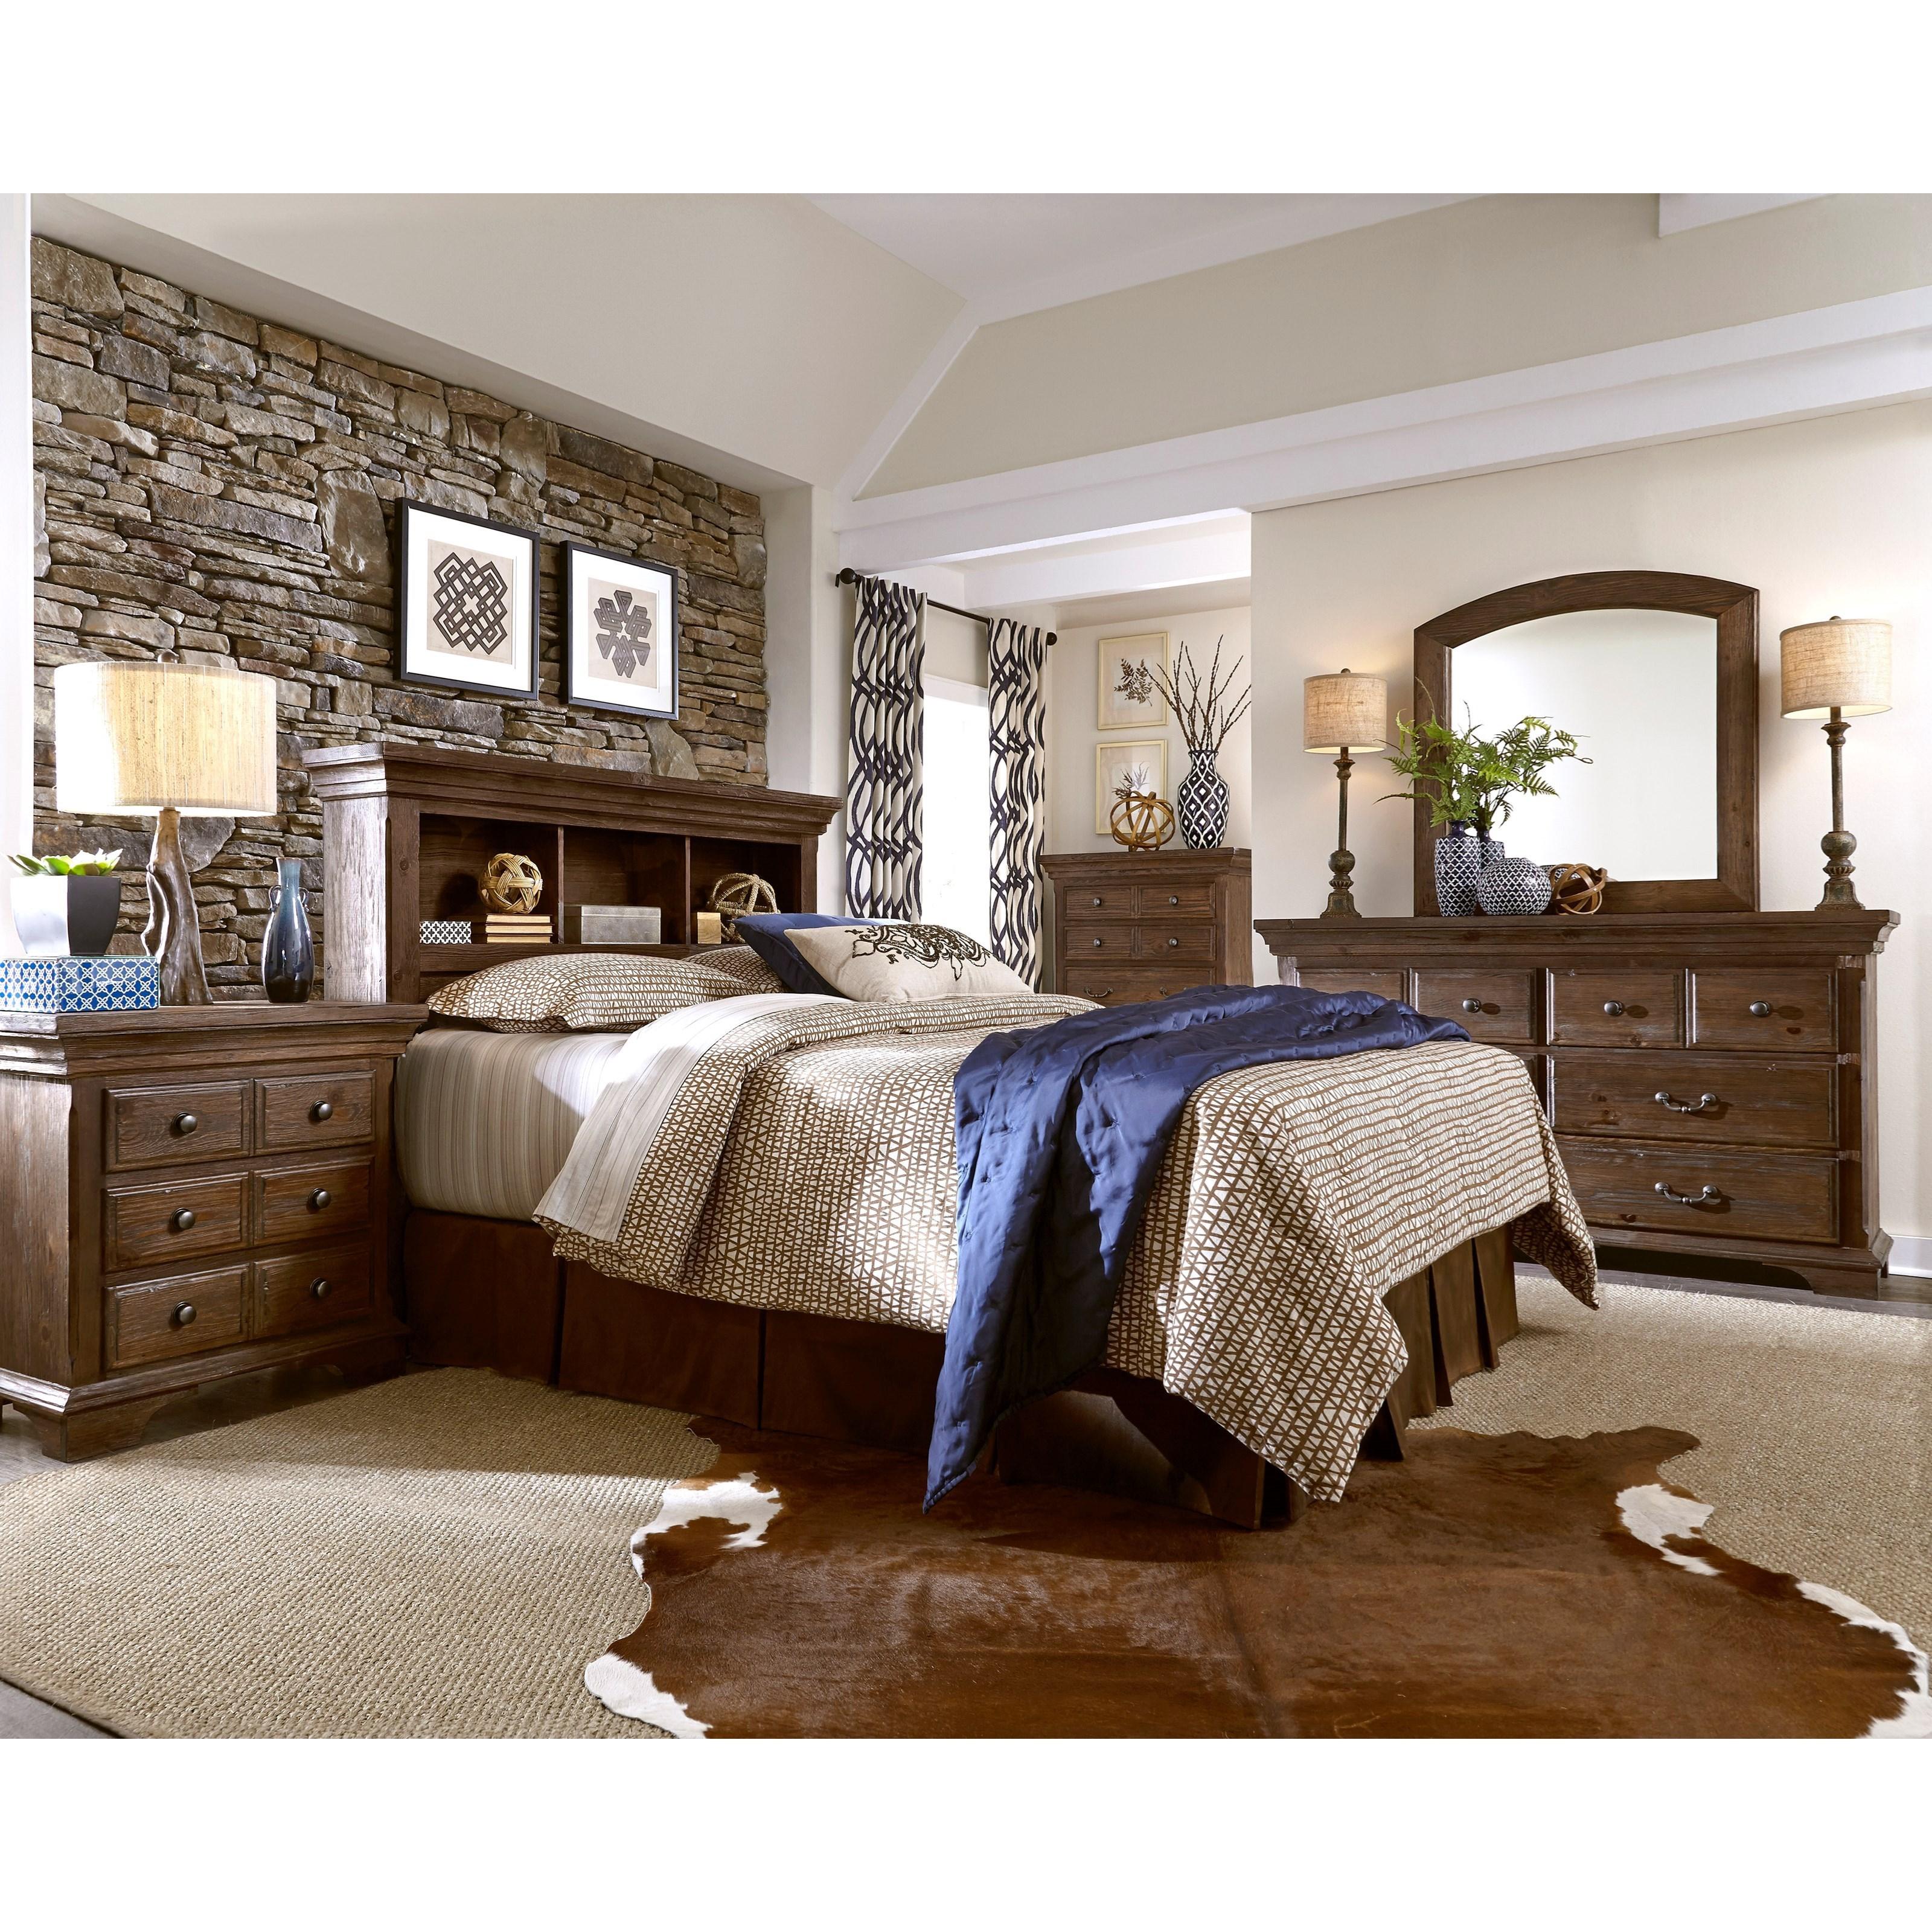 Progressive Furniture Copenhagen King Bedroom Group Lindy 39 S Furniture Company Bedroom Group